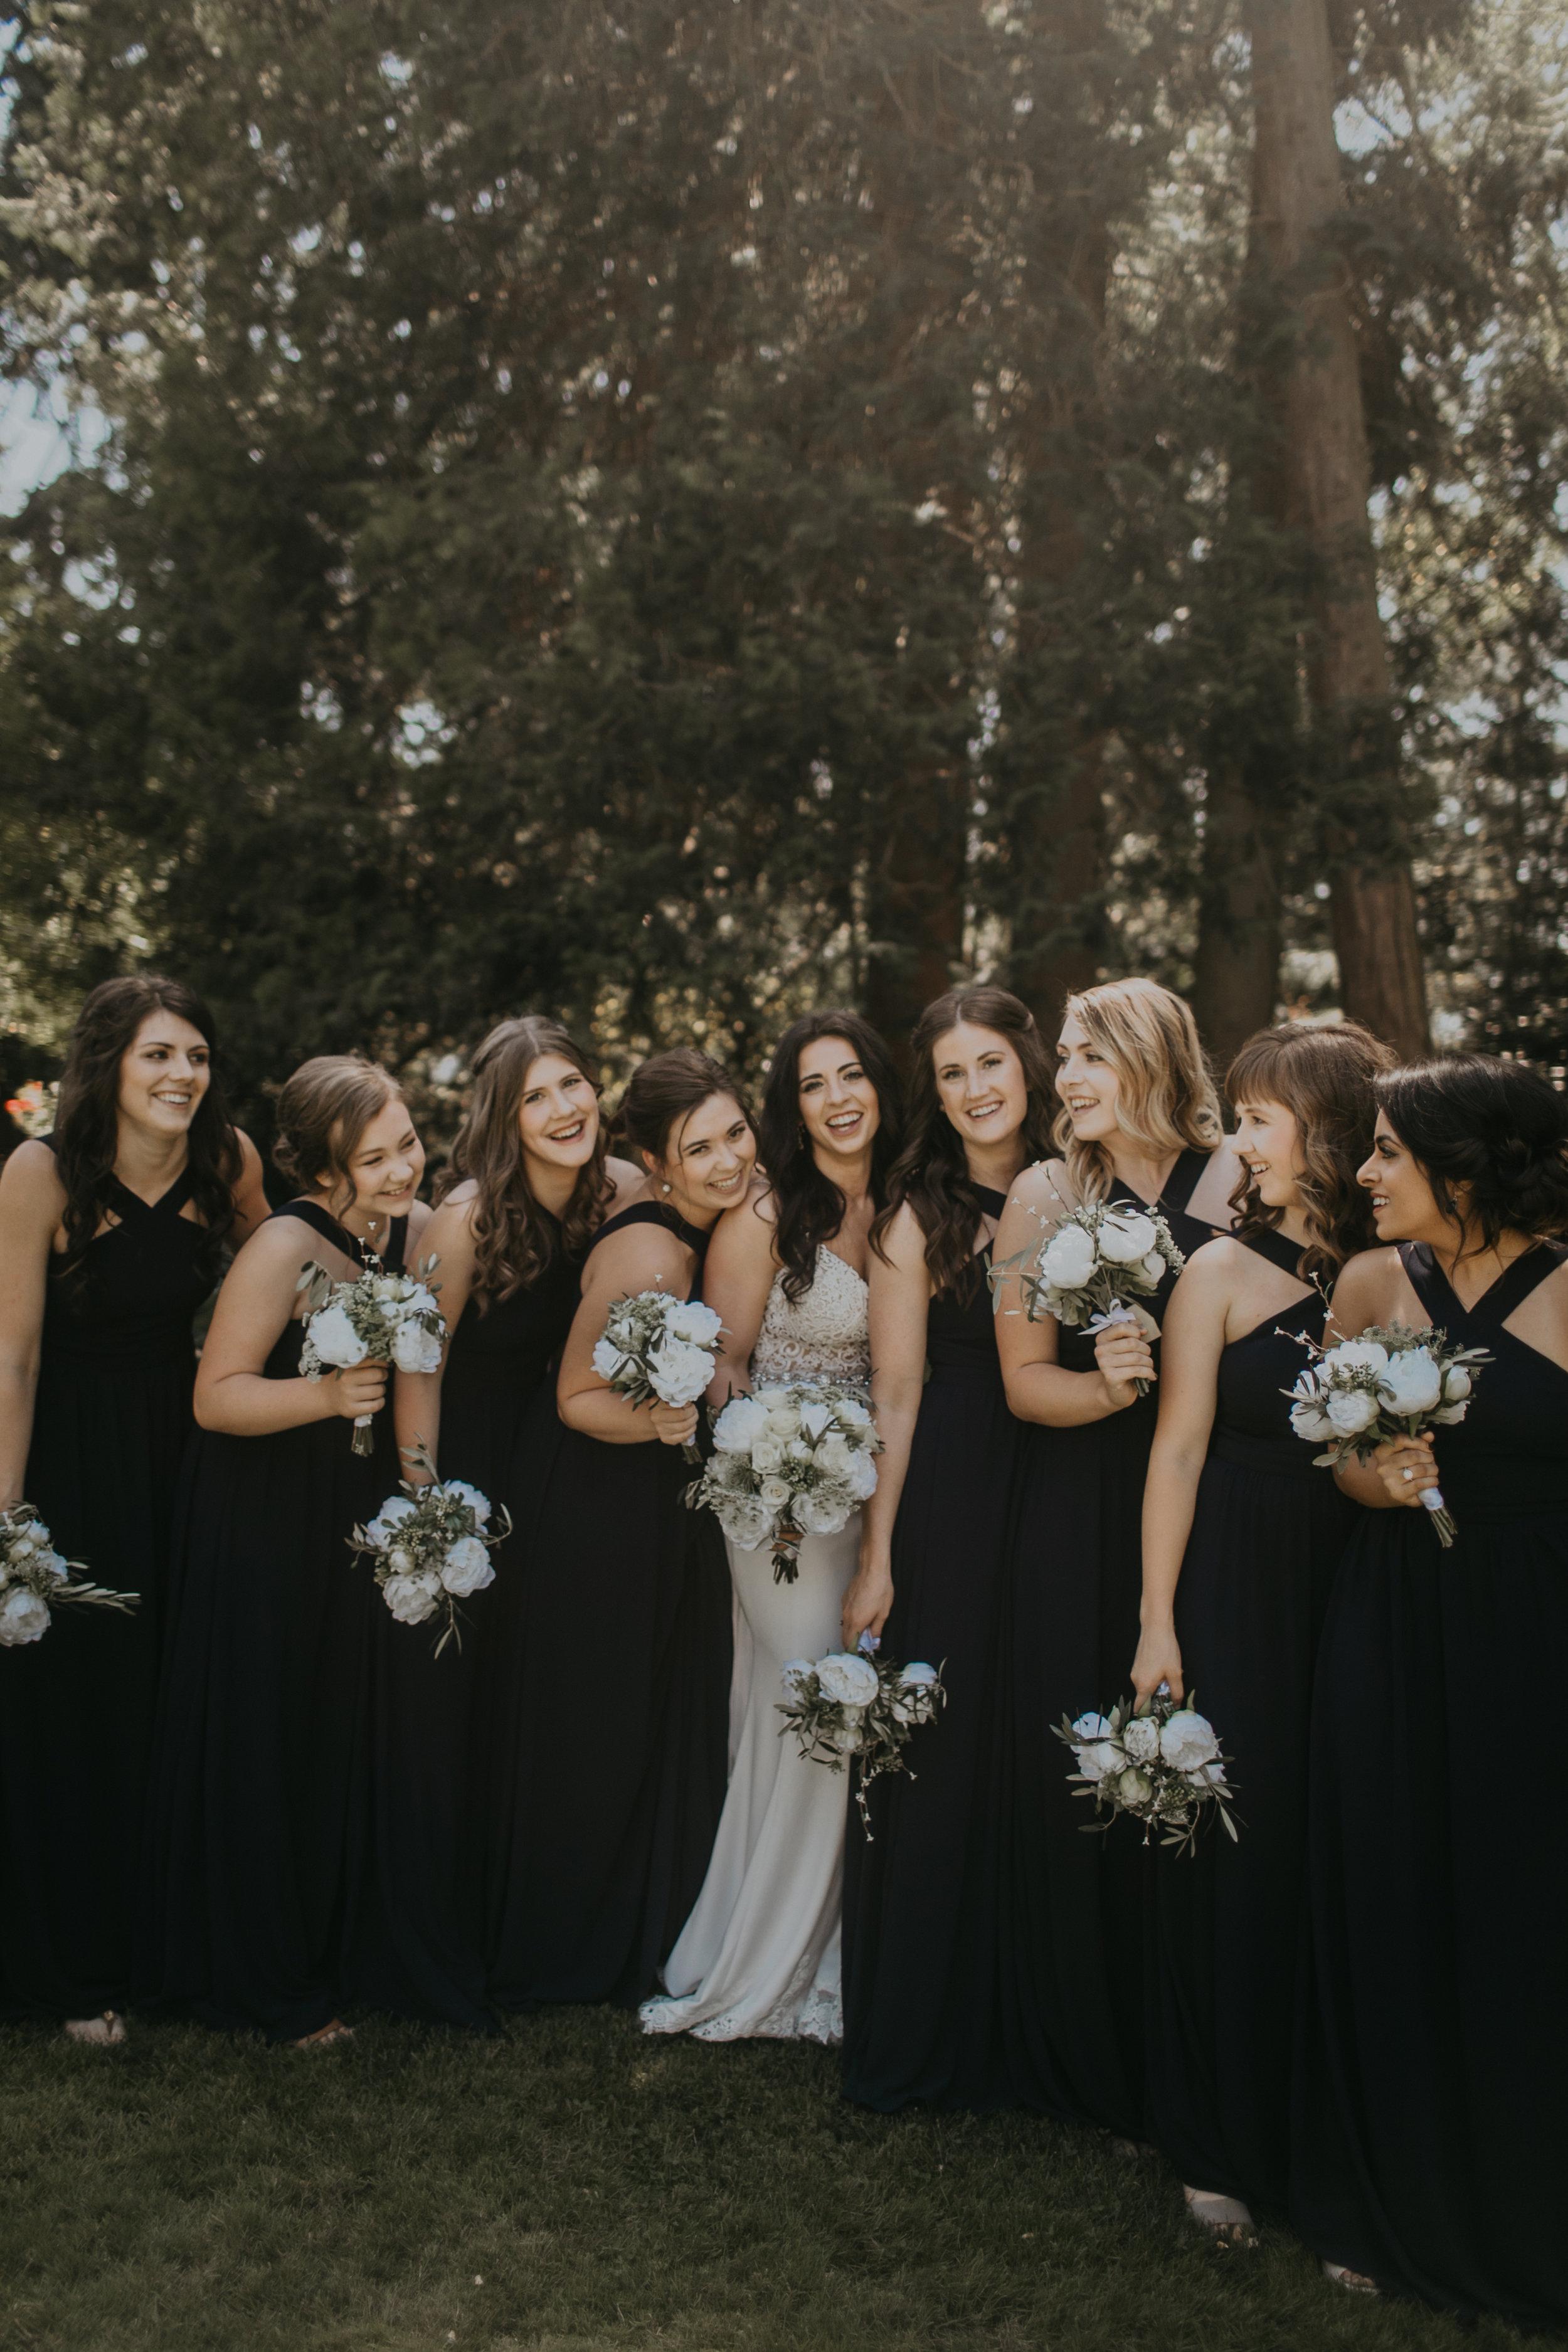 Laurel_Creek_Manor_Sumner_Washington_Wedding_Makenzie+Clark-141.jpg